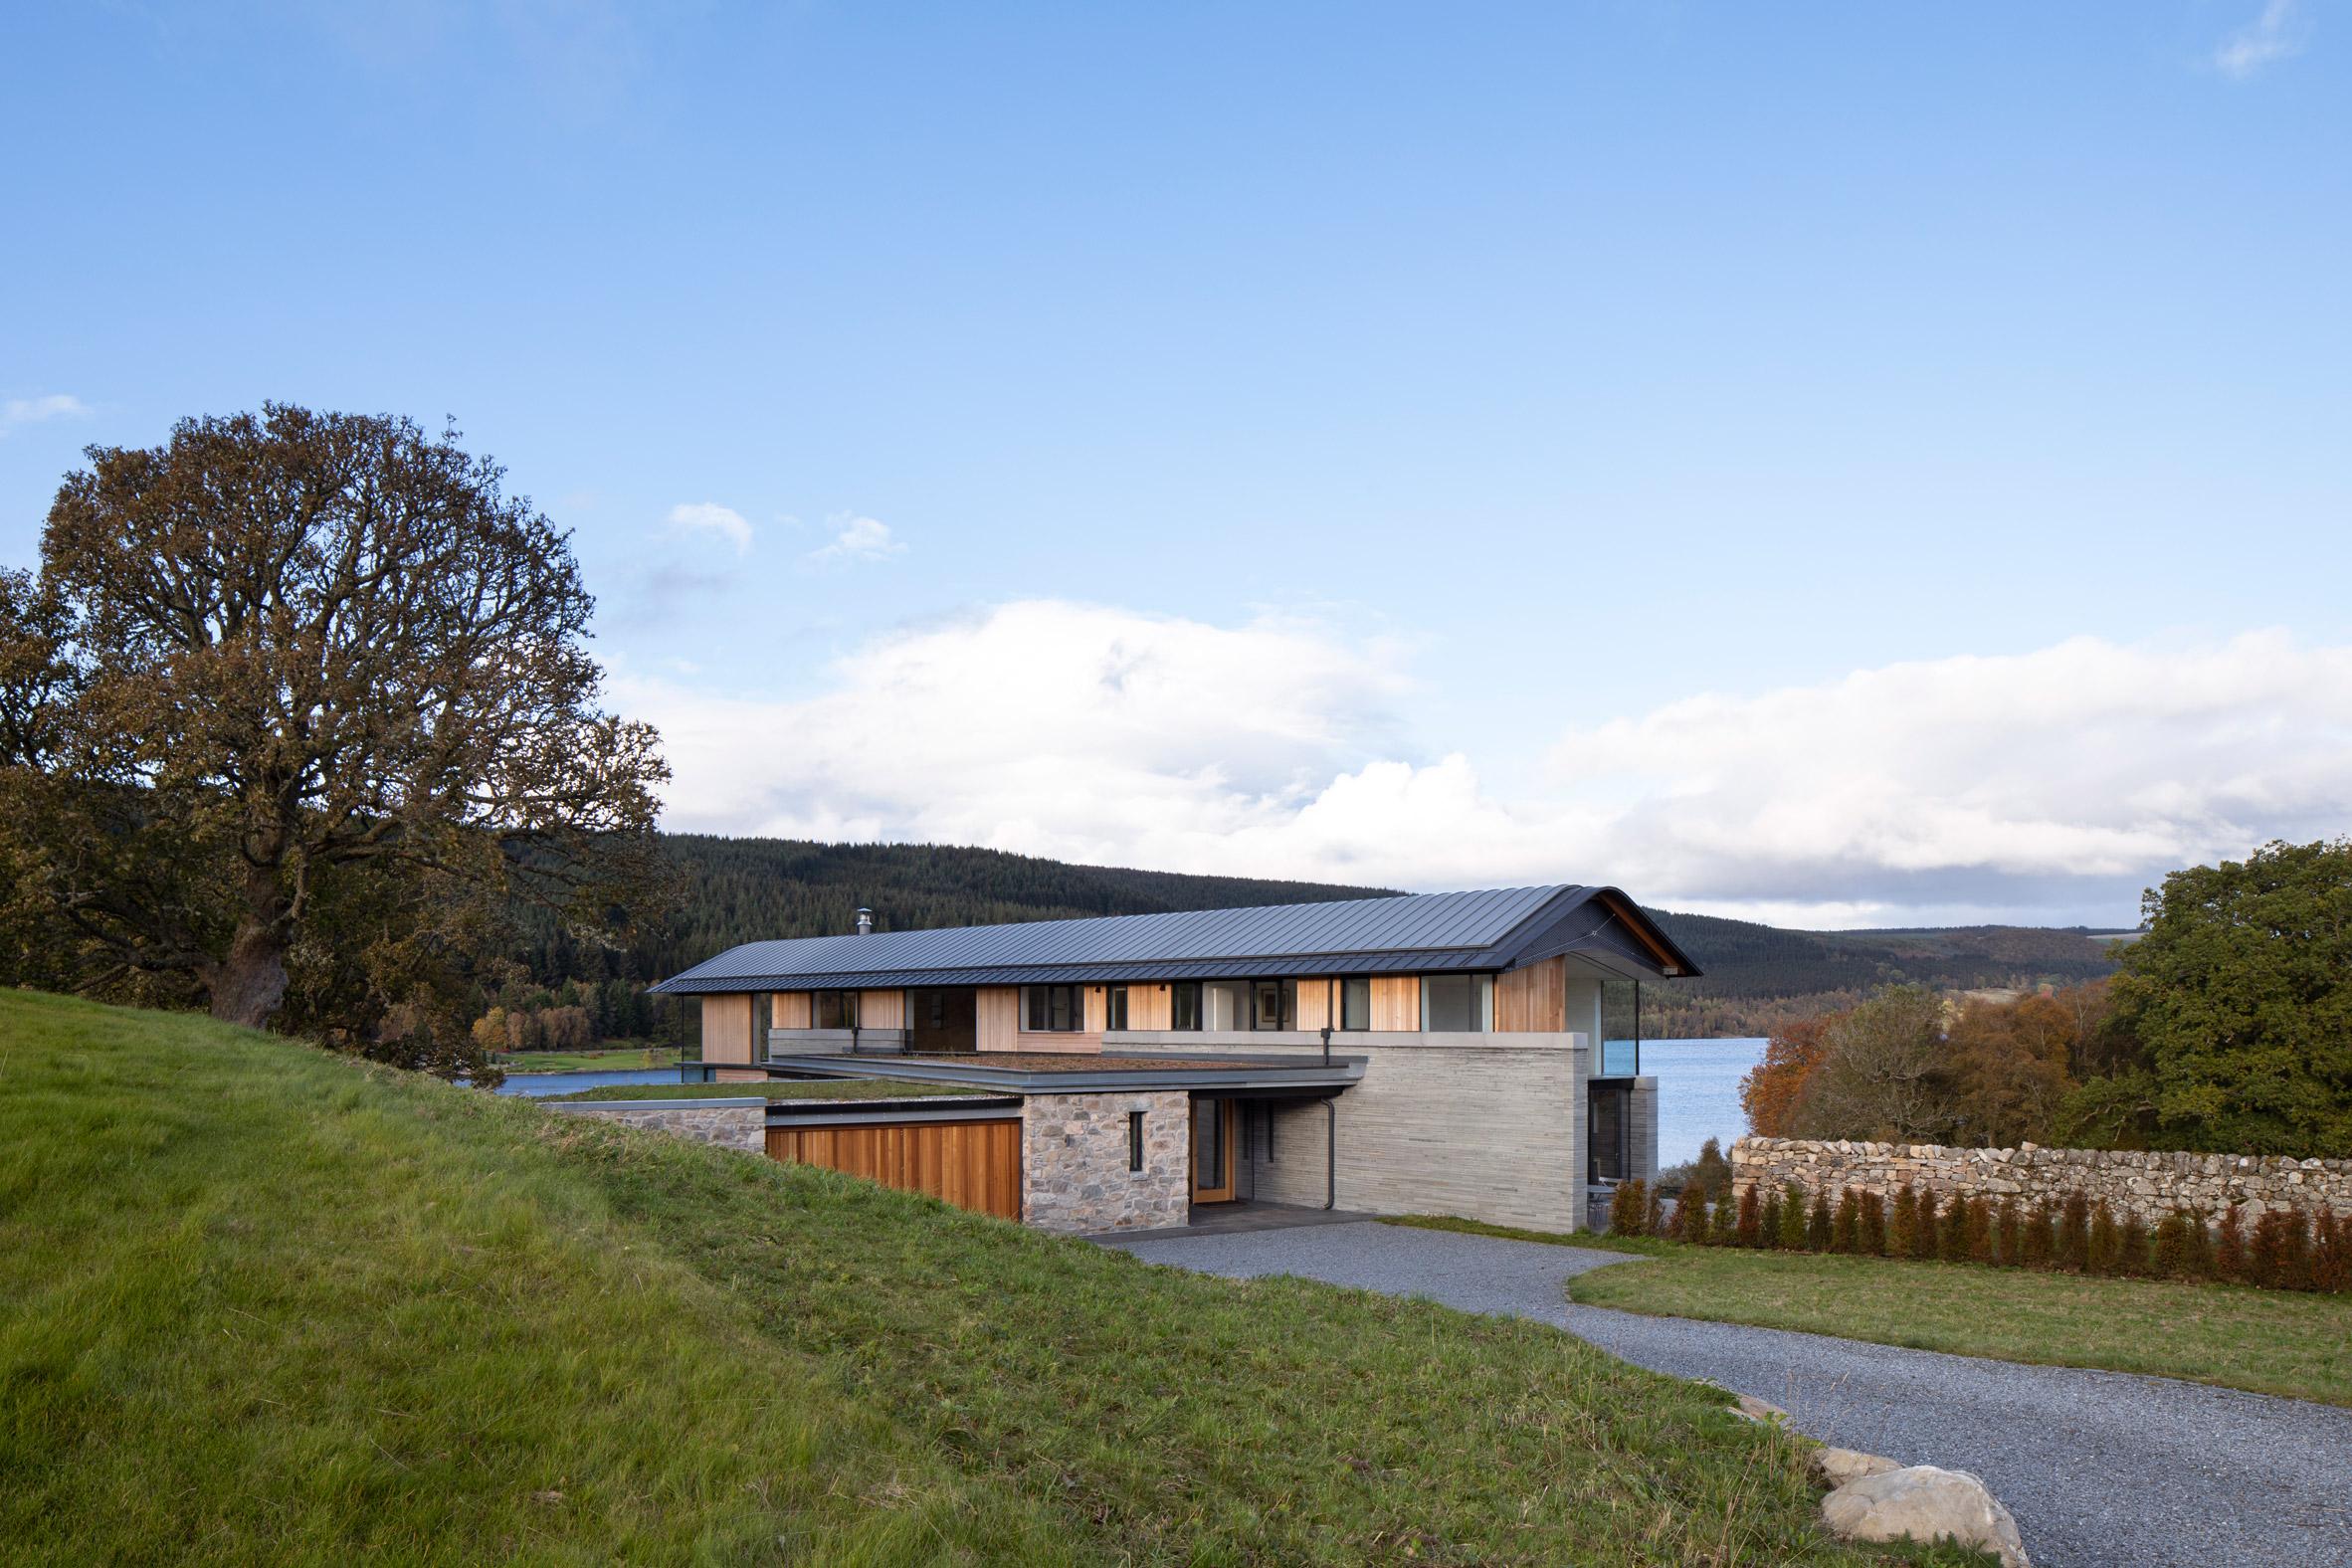 Entrance to Scottish house